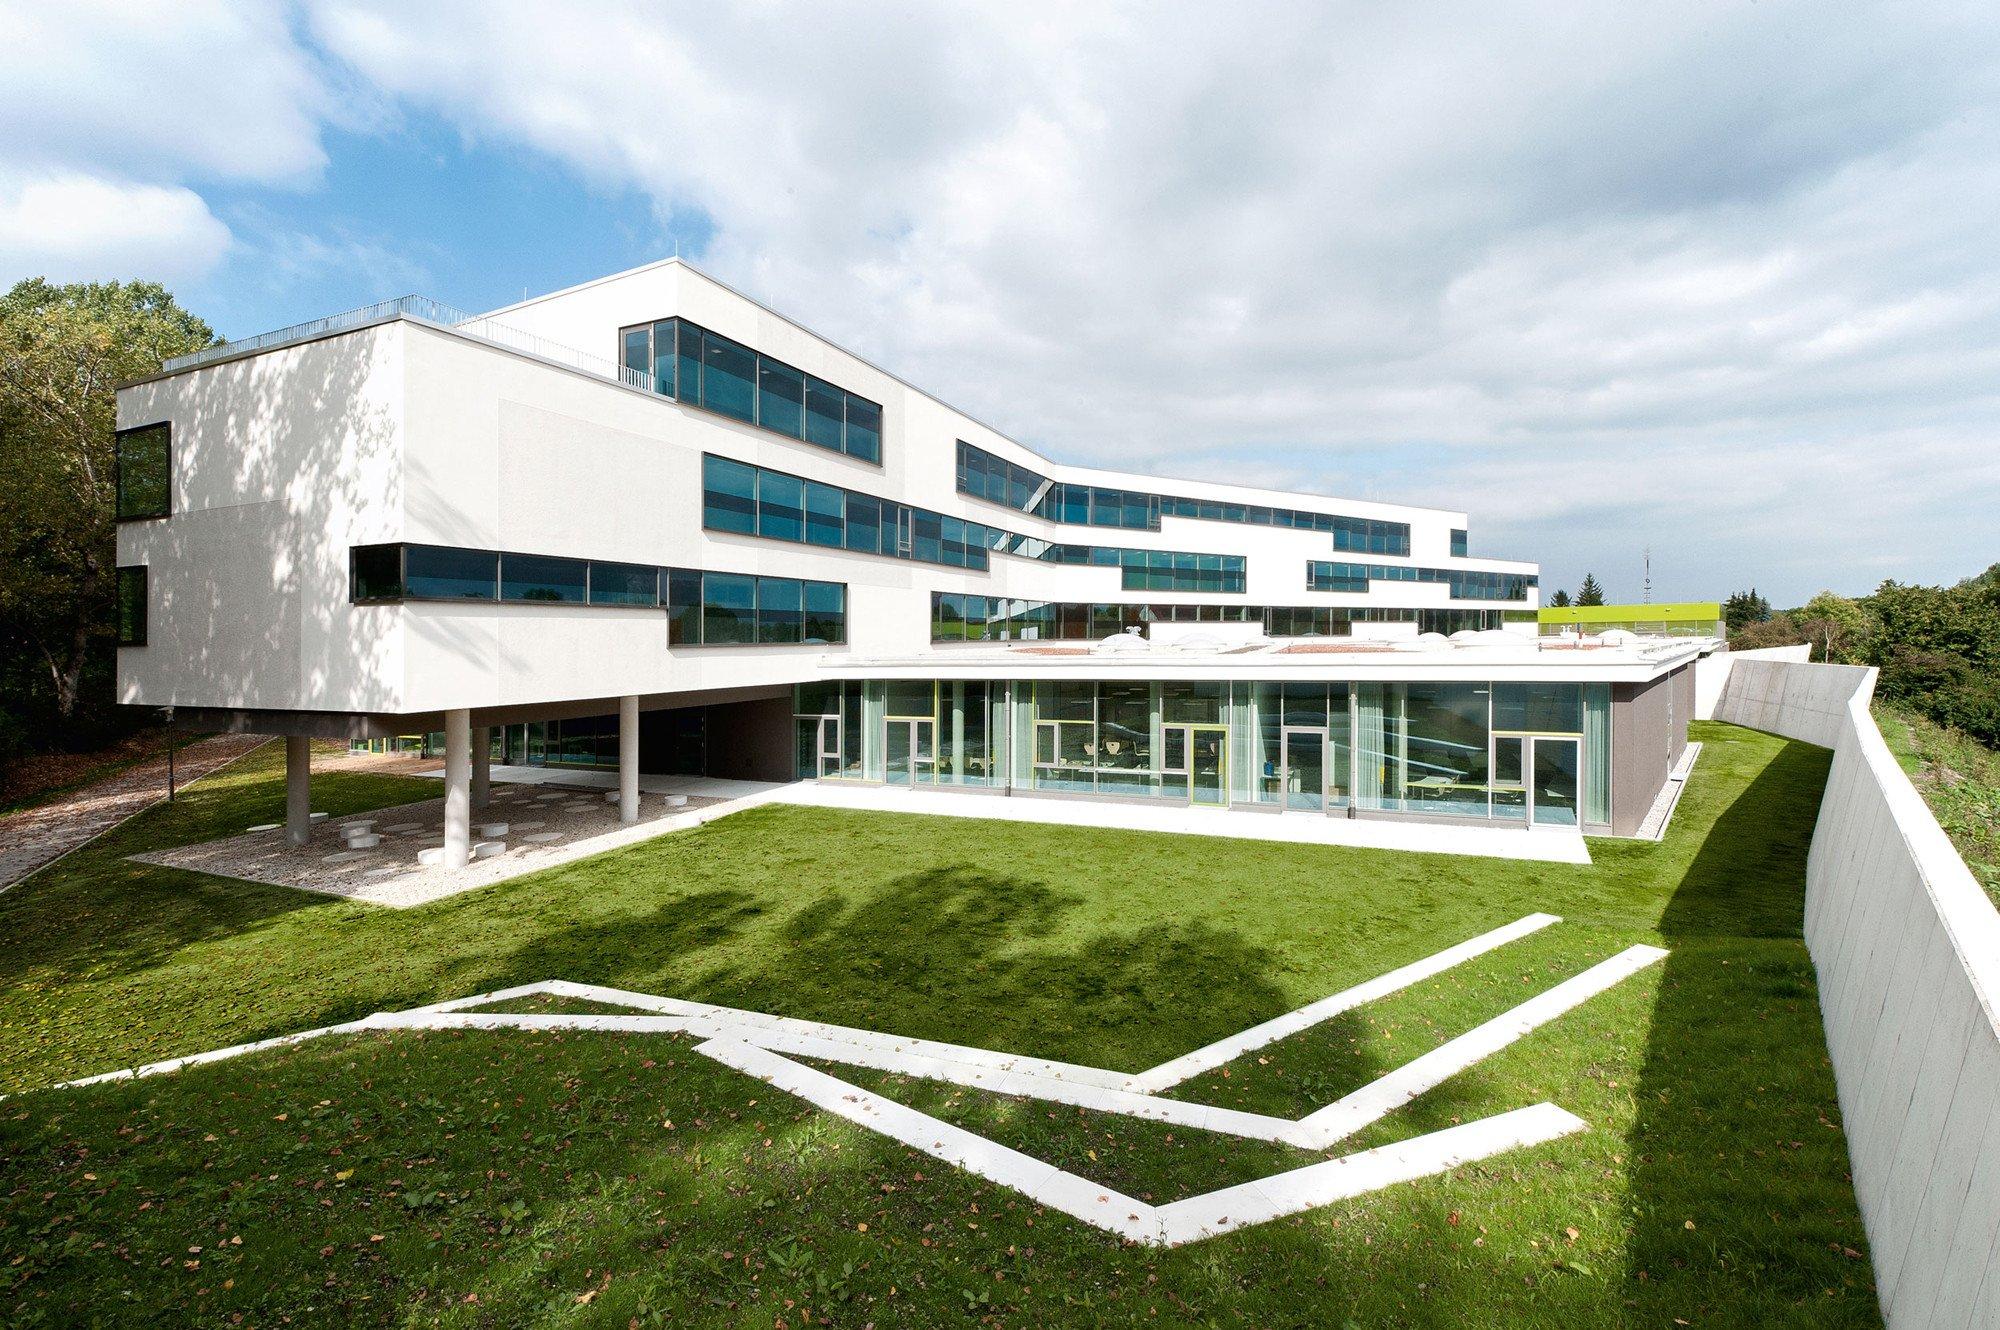 Architekten Landshut gymnasium in ergolding flachdach bildung baunetz wissen